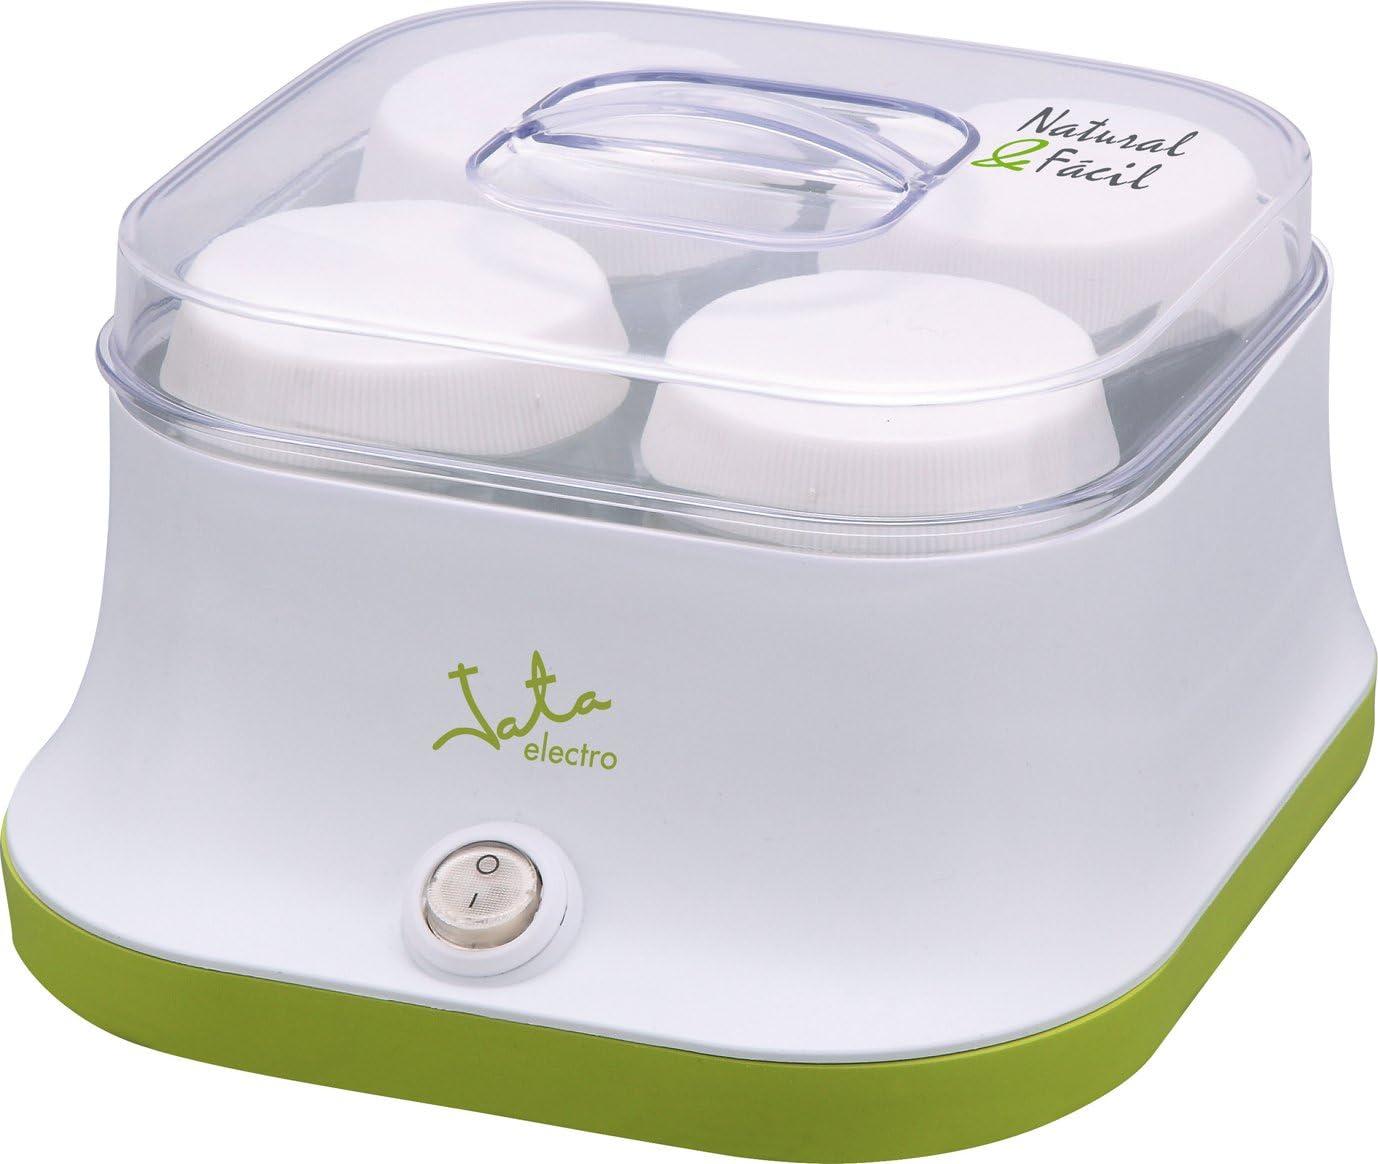 Jata YG523 Yogurtera para 4 Yogures sin Conservantes ni Aditivos Incluye 4 Vasos de Cristal de 150 ml Recetas Incluidas Prepara Yogures Caseros Rápido y Fácil